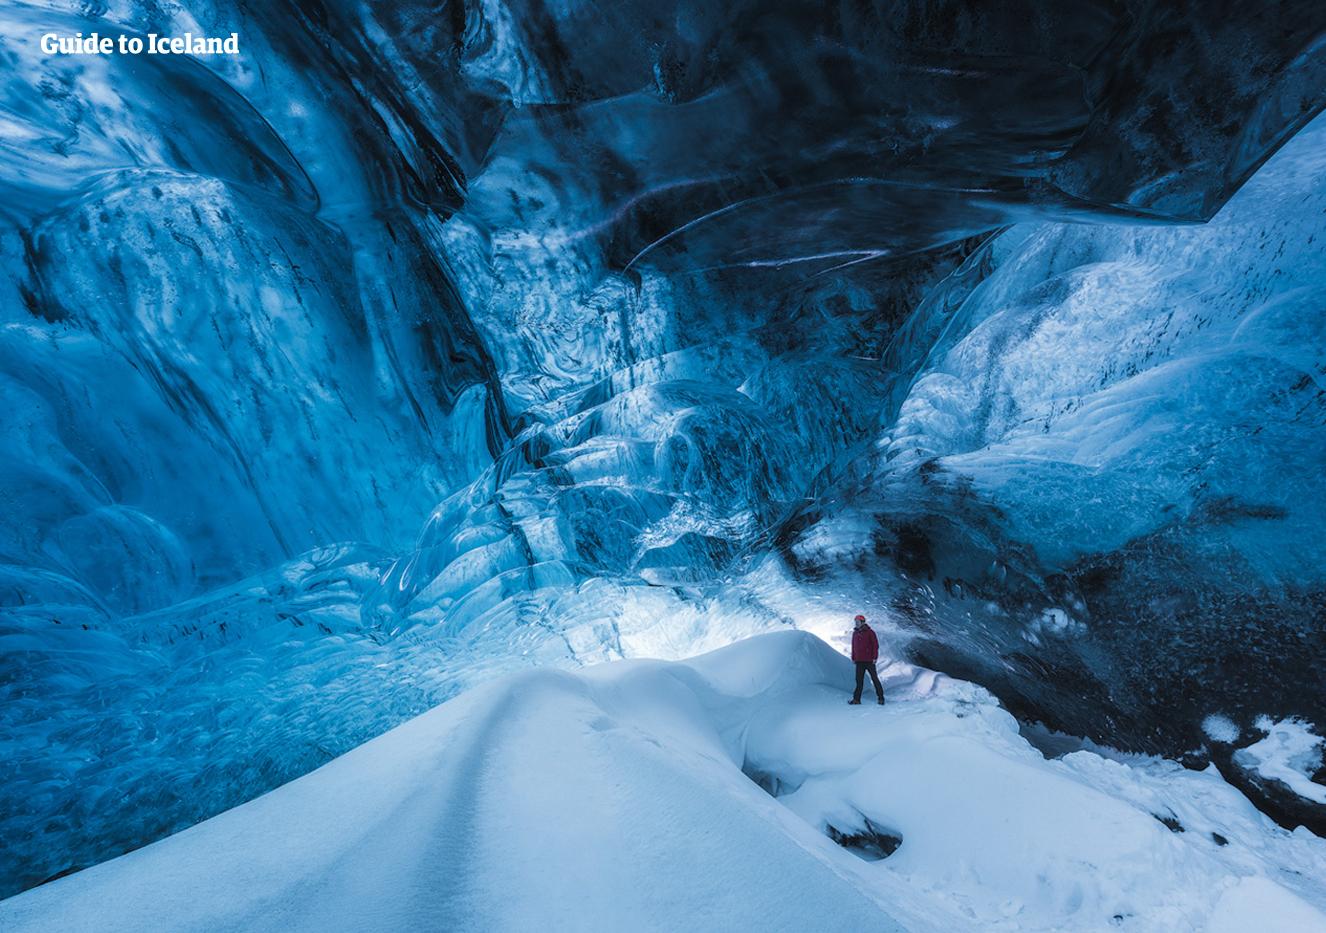 瓦特纳冰川中的蓝冰洞仿如纯净异世。